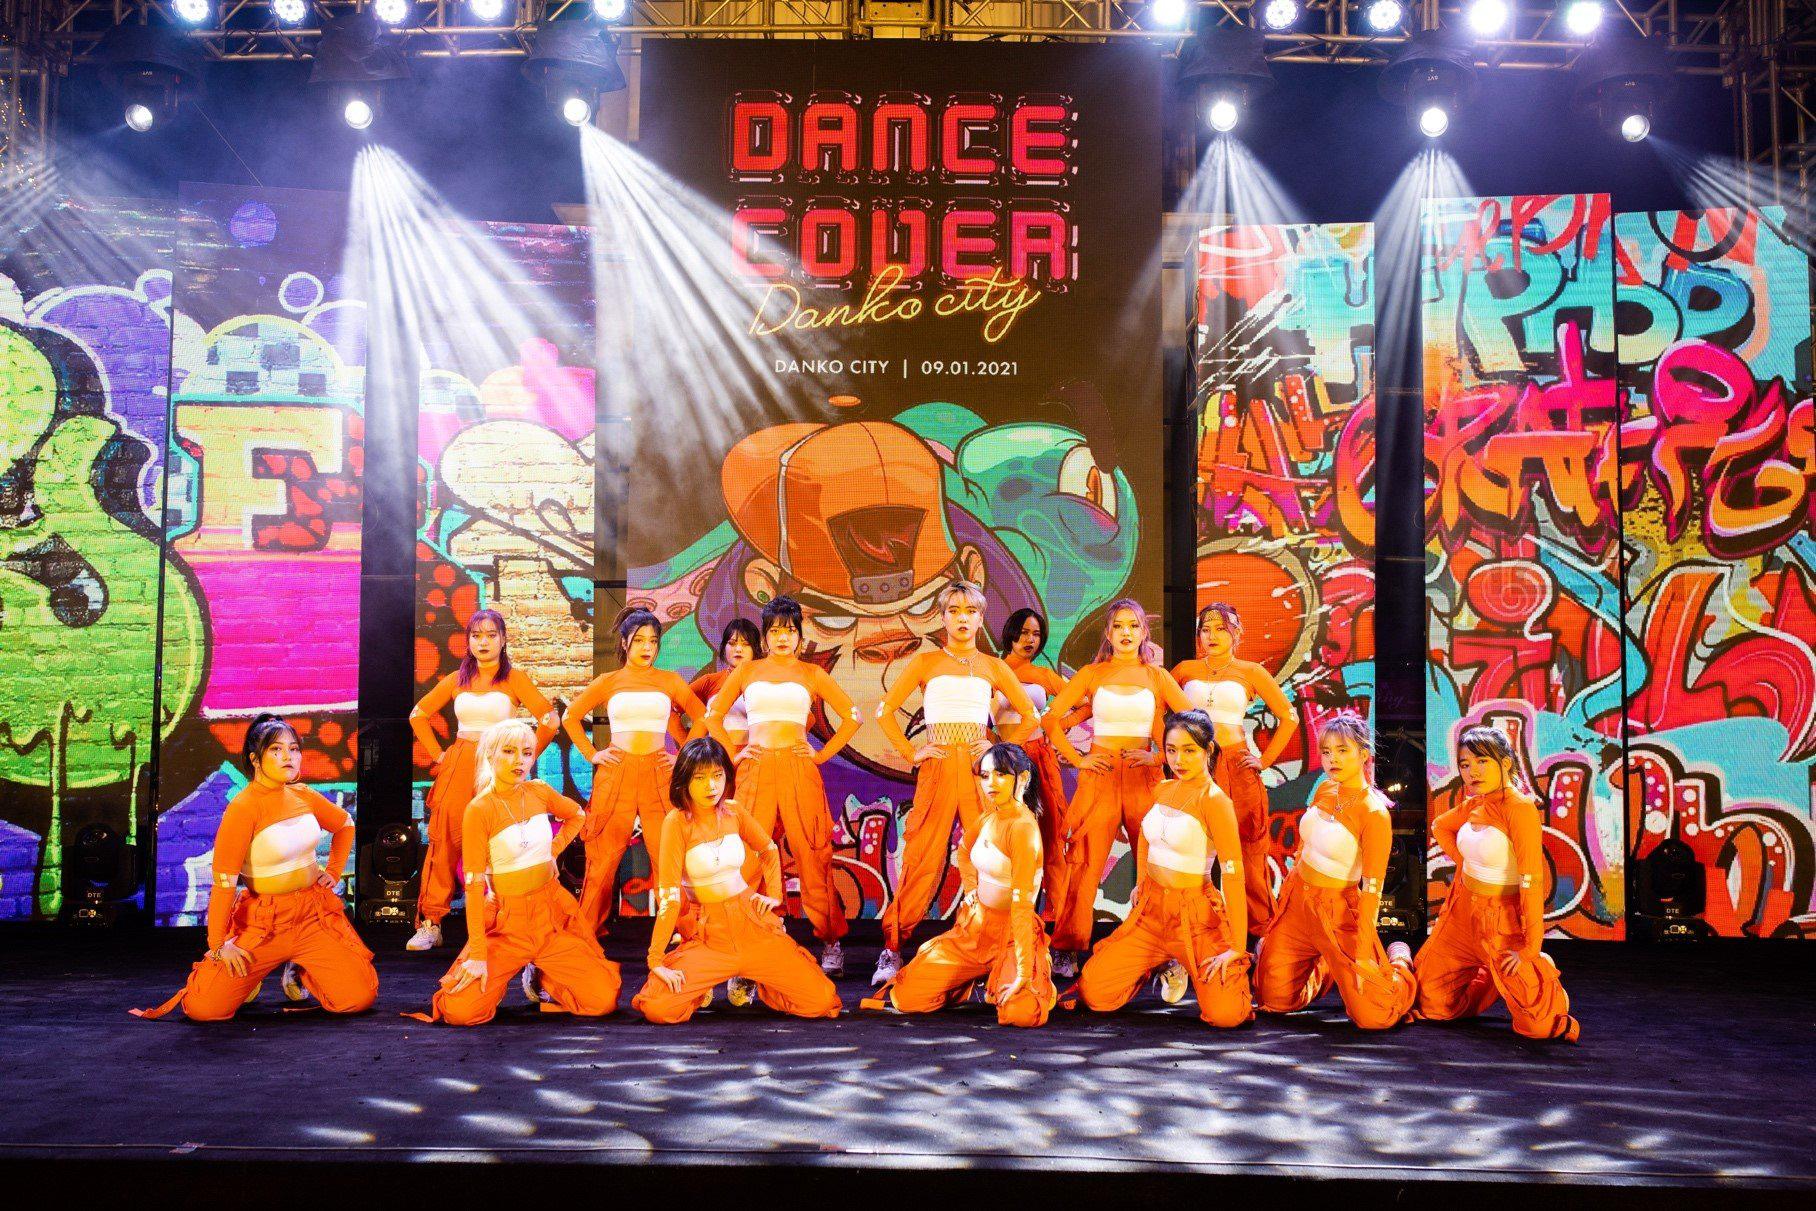 Dance cover Danko City: Bùng cháy với các vũ điệu Kpop cùng Cường seven - Ảnh 11.